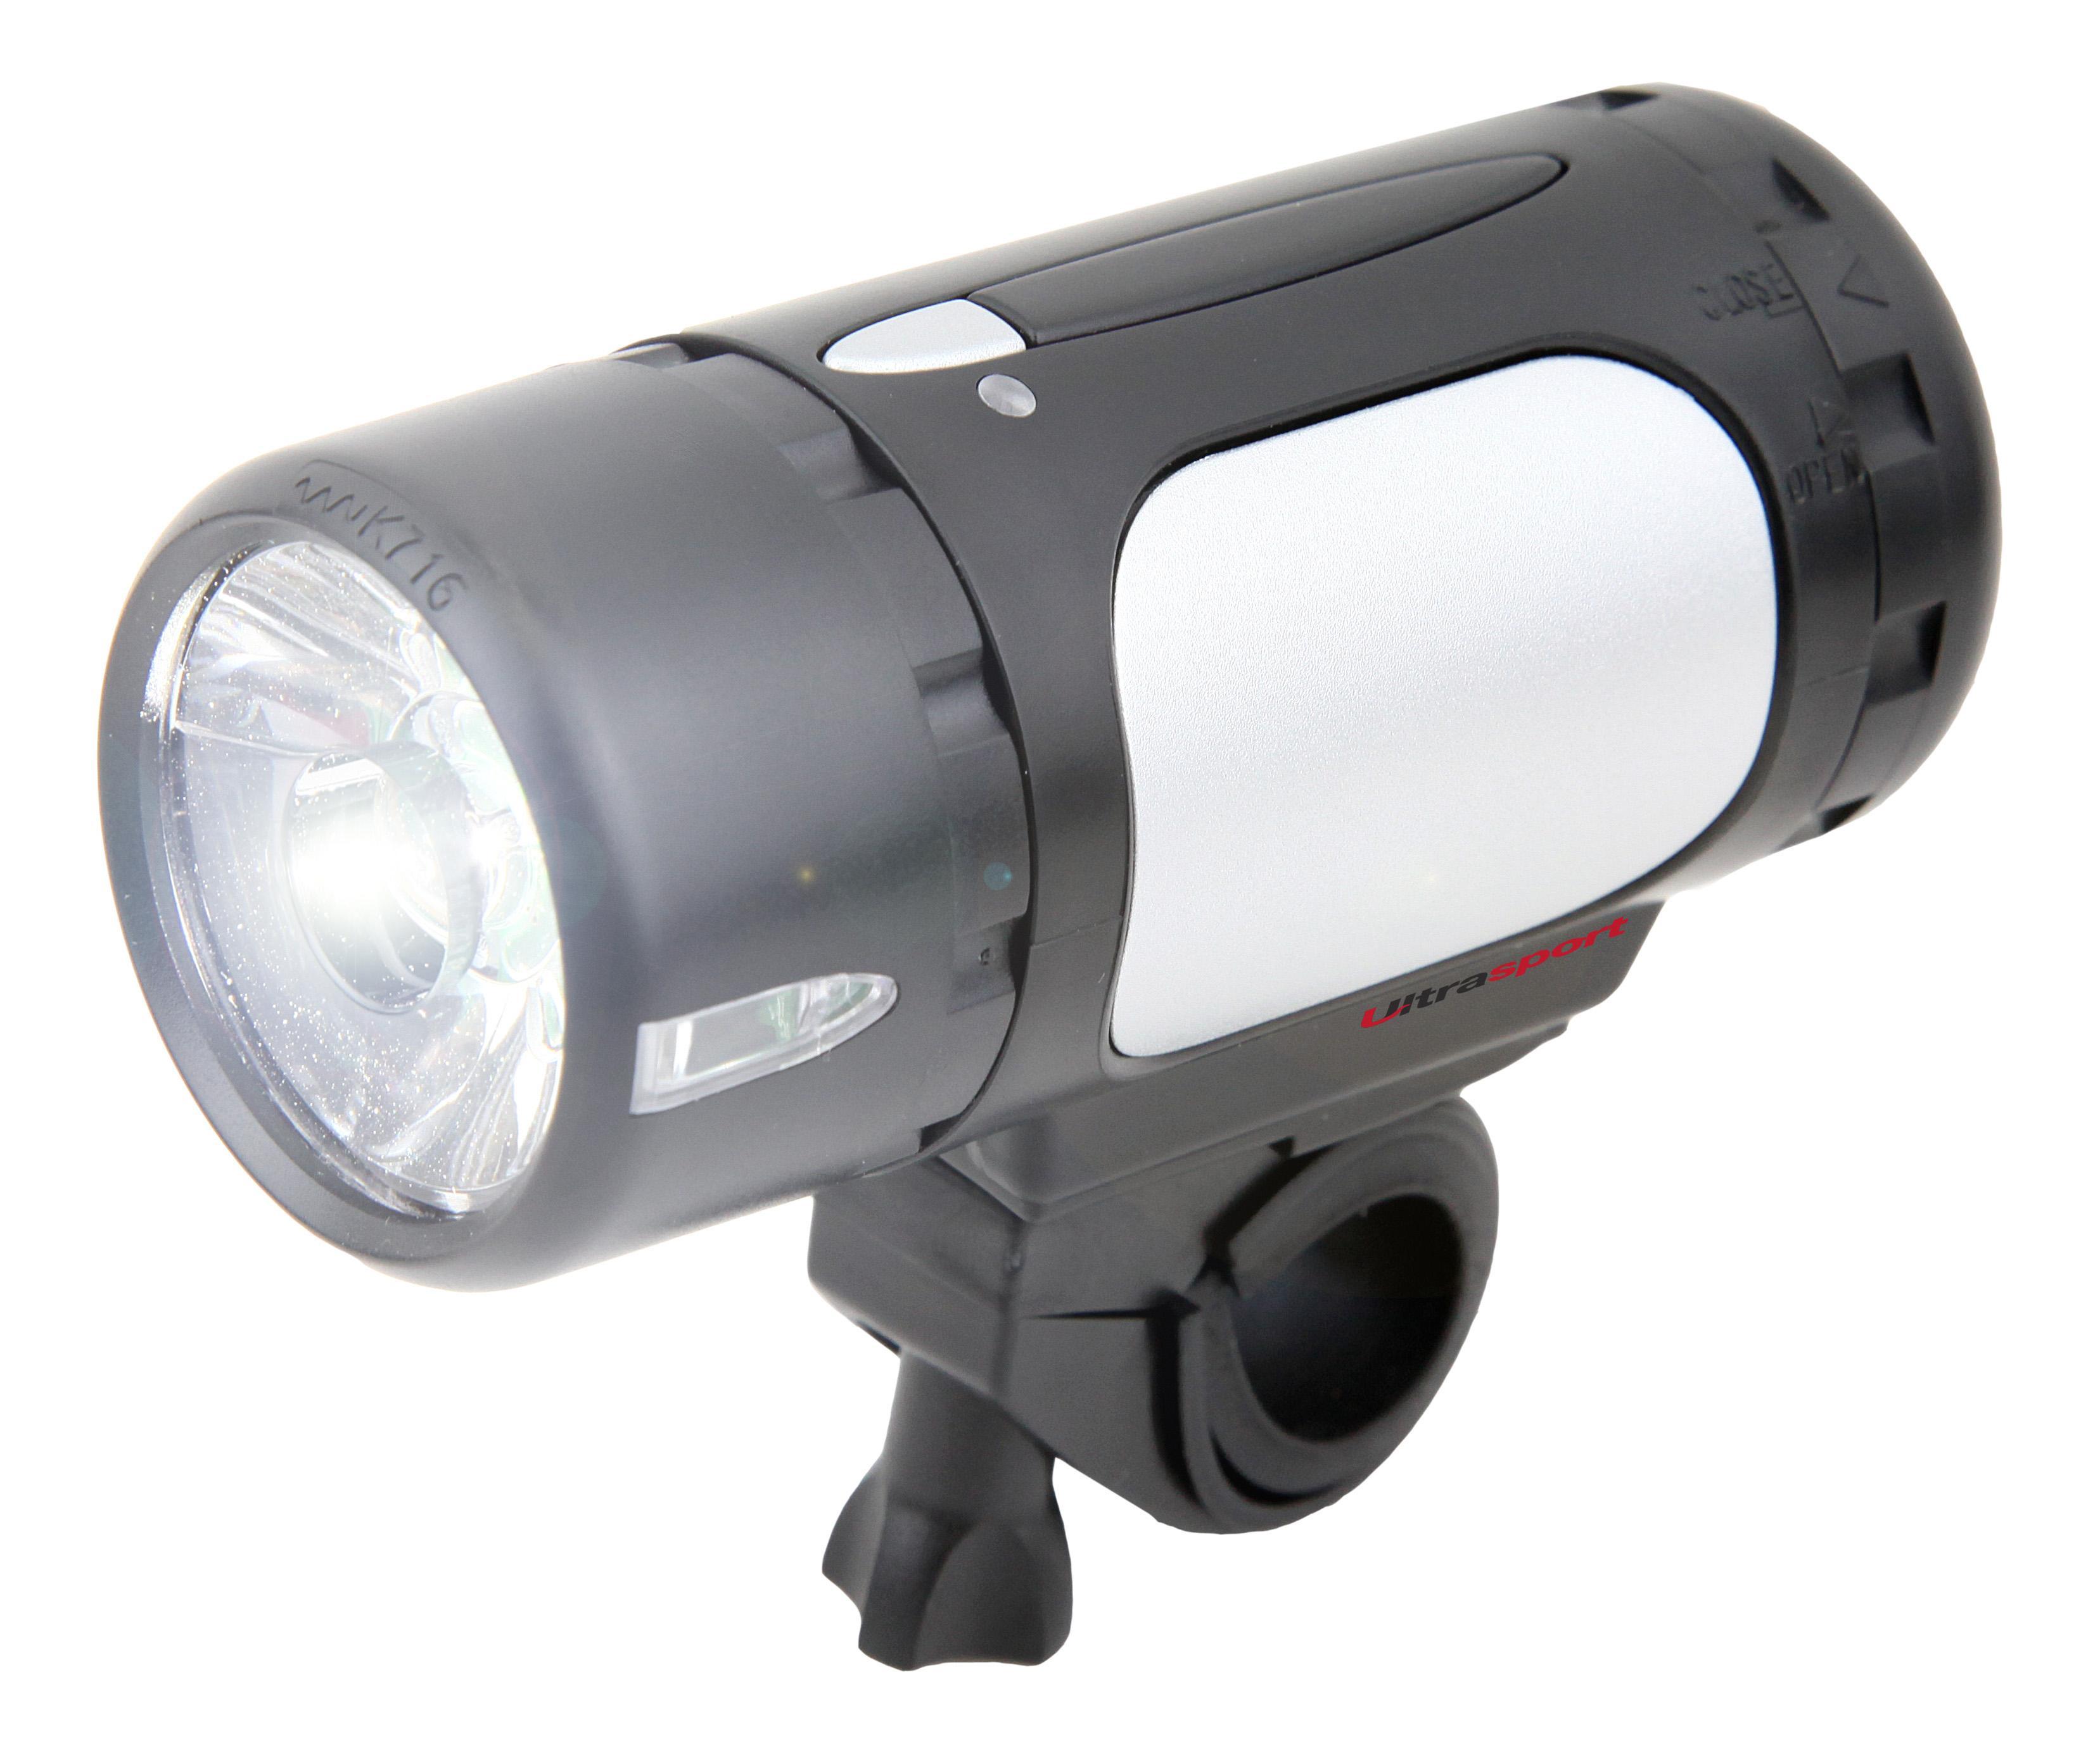 Ultrasport /Éclairage v/élo DEL Hi-Power // Feu avant halog/ène pour v/élos de route autoris/é par la StVZO 1/watt et 20/lux avec bouton-poussoir fonctionne sur batterie /étanche feu de position et foncti